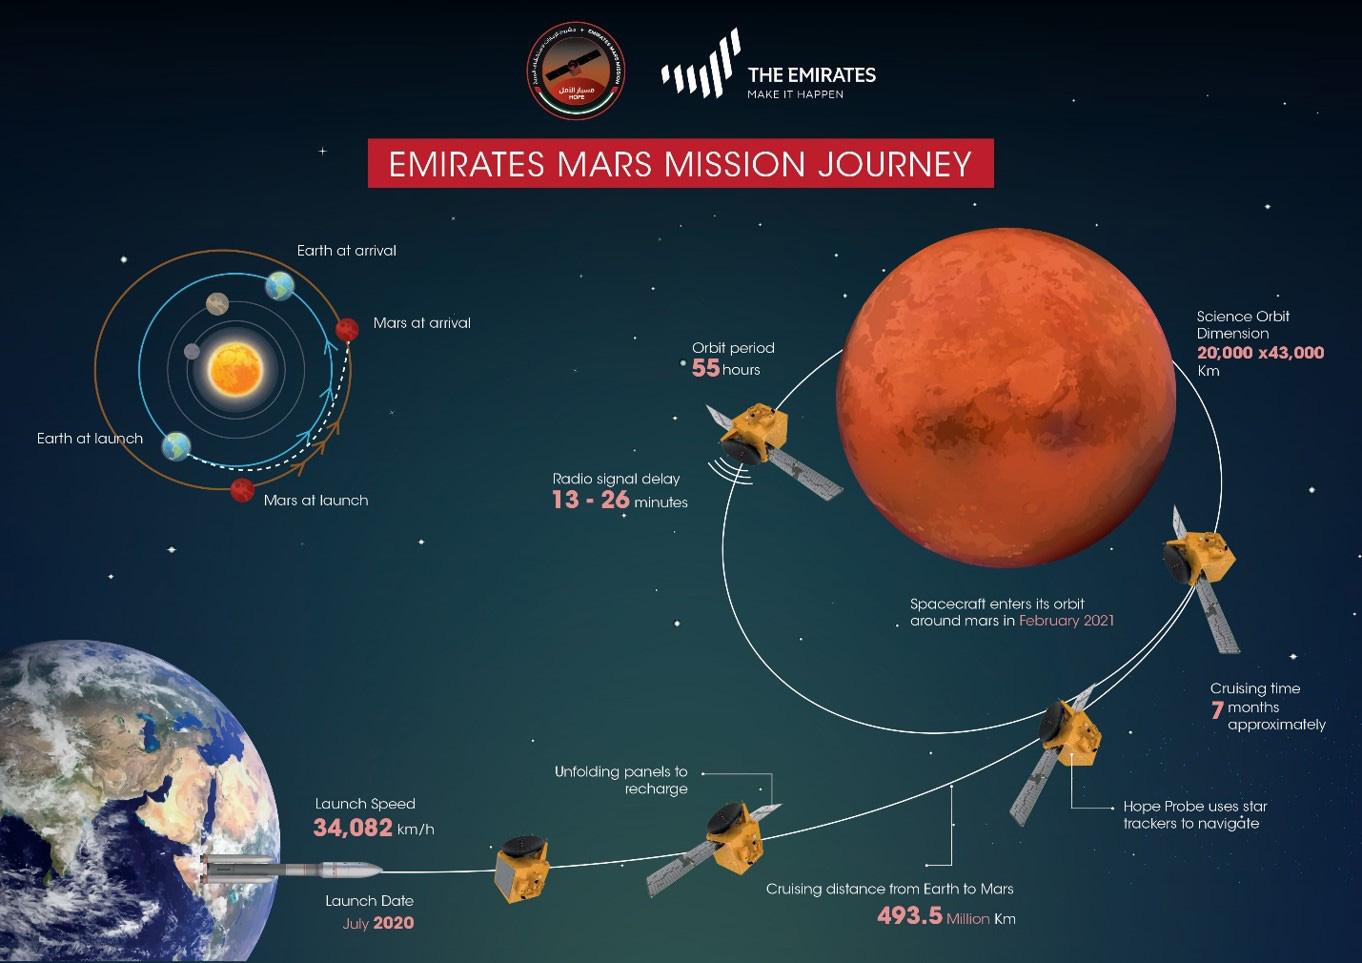 Le voyage de la sonde martienne Hope